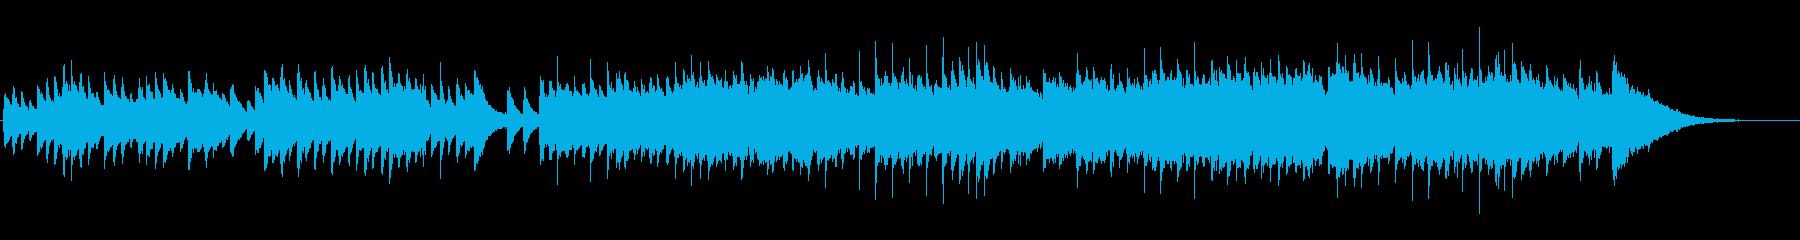 回想シーンを連想させるピアノ曲の再生済みの波形